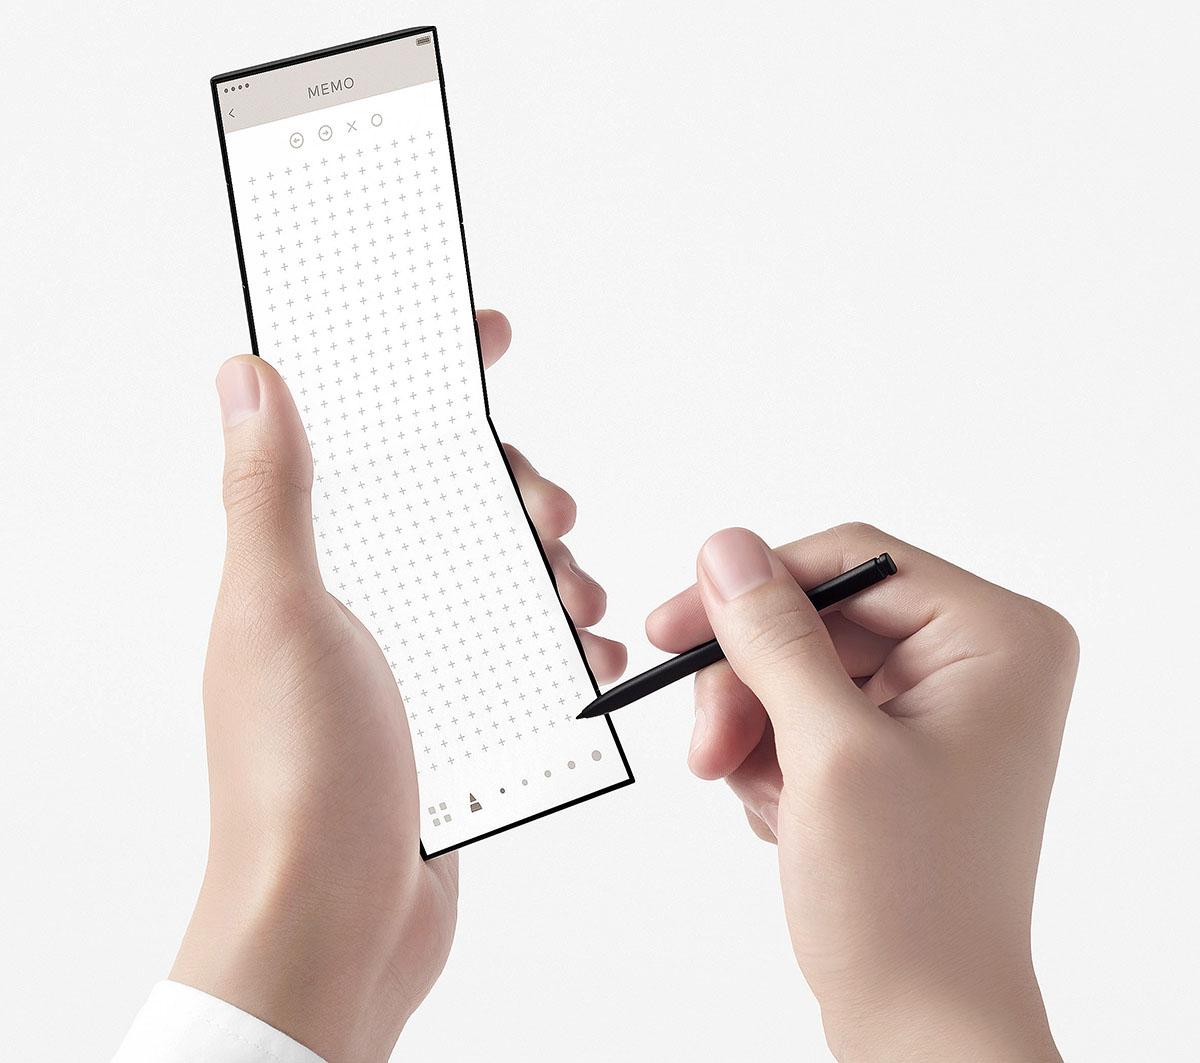 Slide-Phone-Nendo-Akihiro-Yoshida-05